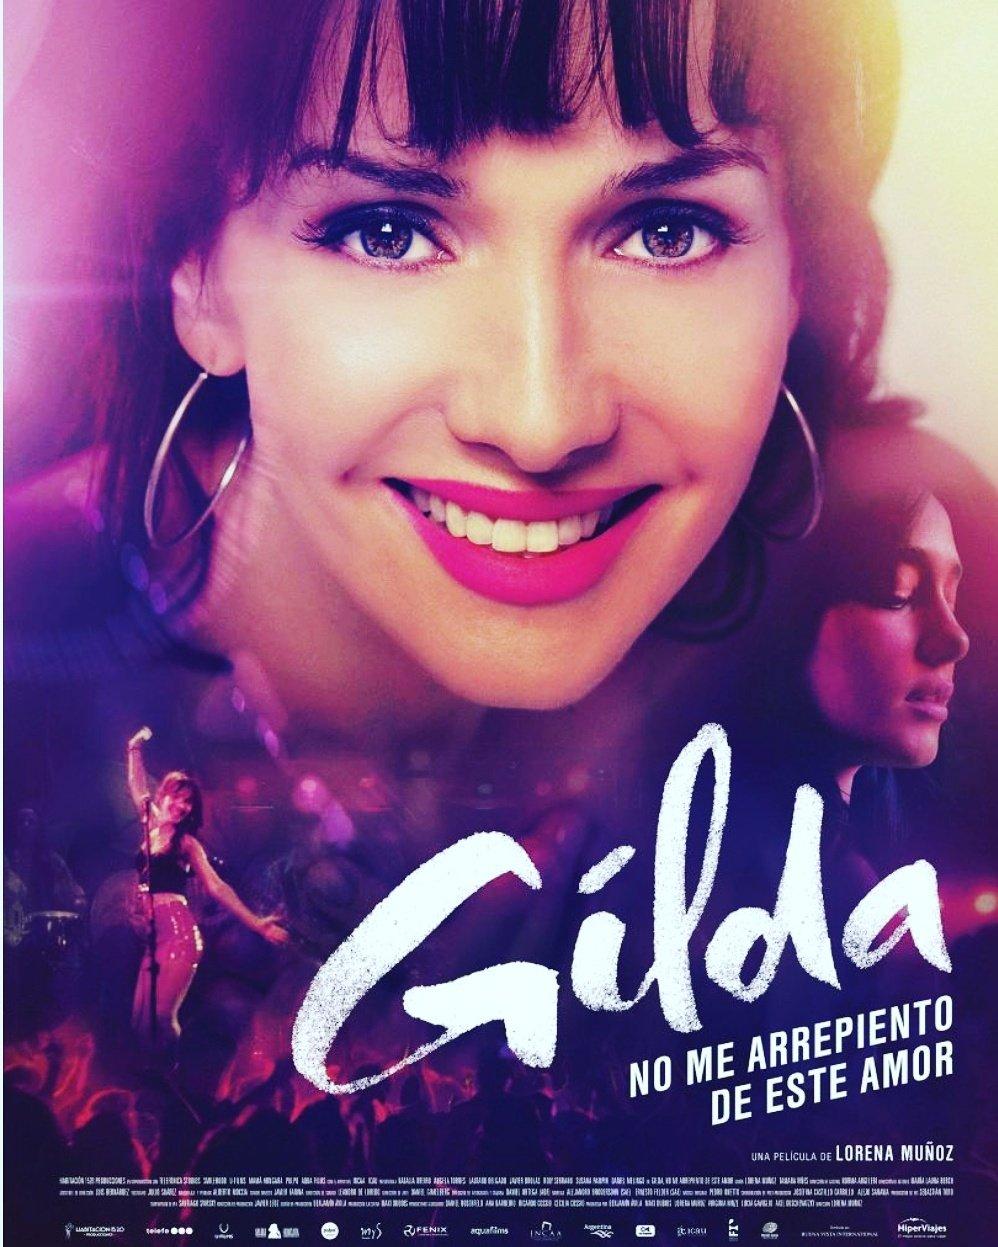 Gilda,no me arrepiento de este amor,la vida de unavaliente